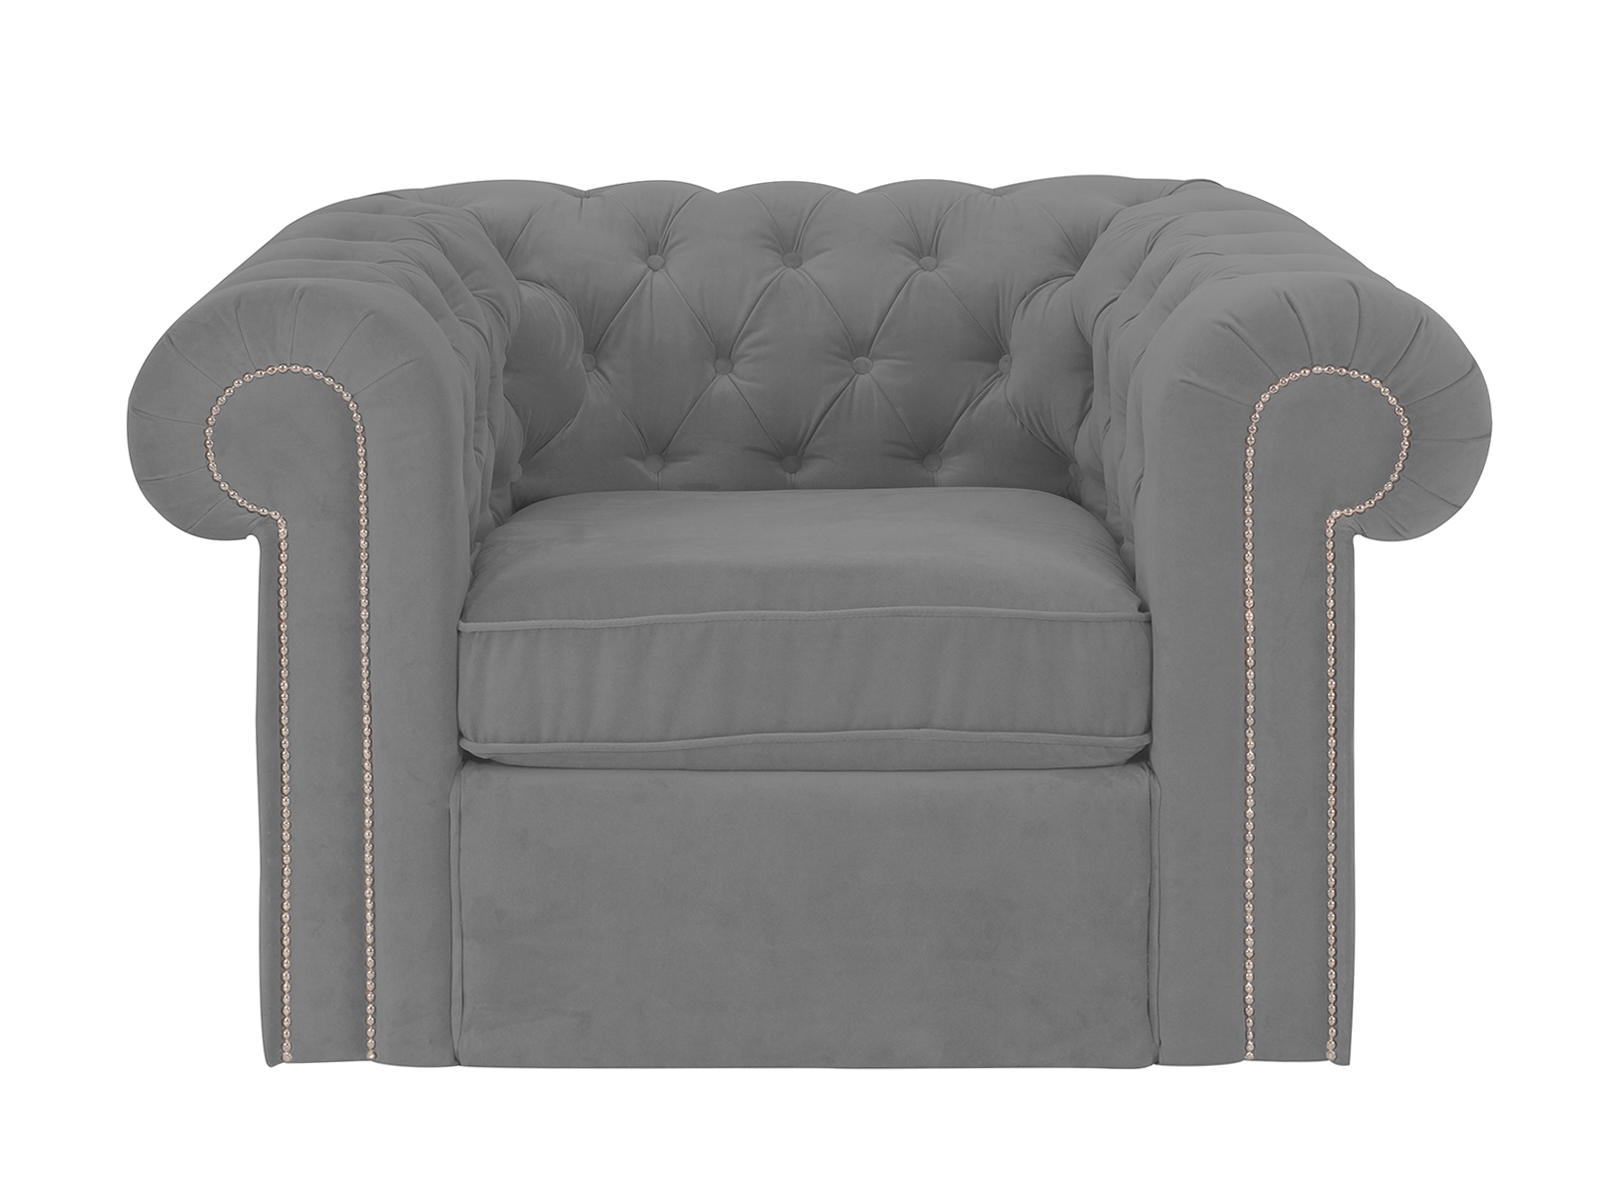 Кресло ChesterИнтерьерные кресла<br>Кресло классическое. Подлокотники декорированы молдингами.&amp;lt;div&amp;gt;&amp;lt;br&amp;gt;&amp;lt;/div&amp;gt;&amp;lt;div&amp;gt;&amp;lt;div&amp;gt;Материалы:&amp;lt;/div&amp;gt;&amp;lt;div&amp;gt;&amp;lt;div&amp;gt;Каркас: деревянный брус, МДФ, фанера&amp;lt;/div&amp;gt;&amp;lt;div&amp;gt;&amp;lt;div&amp;gt;Подушки сидений: пенополиуретан, синтепон.&amp;lt;/div&amp;gt;&amp;lt;div&amp;gt;Обивка: ткань, полиэстер 100%.&amp;lt;/div&amp;gt;&amp;lt;/div&amp;gt;&amp;lt;/div&amp;gt;&amp;lt;div&amp;gt;&amp;lt;br&amp;gt;&amp;lt;/div&amp;gt;&amp;lt;div&amp;gt;&amp;lt;div&amp;gt;Глубина сиденья: 67 cм&amp;lt;/div&amp;gt;&amp;lt;/div&amp;gt;&amp;lt;div&amp;gt;Ширина сиденья: 60 cм&amp;lt;/div&amp;gt;&amp;lt;/div&amp;gt;<br><br>Material: Текстиль<br>Ширина см: 115<br>Высота см: 73<br>Глубина см: 105